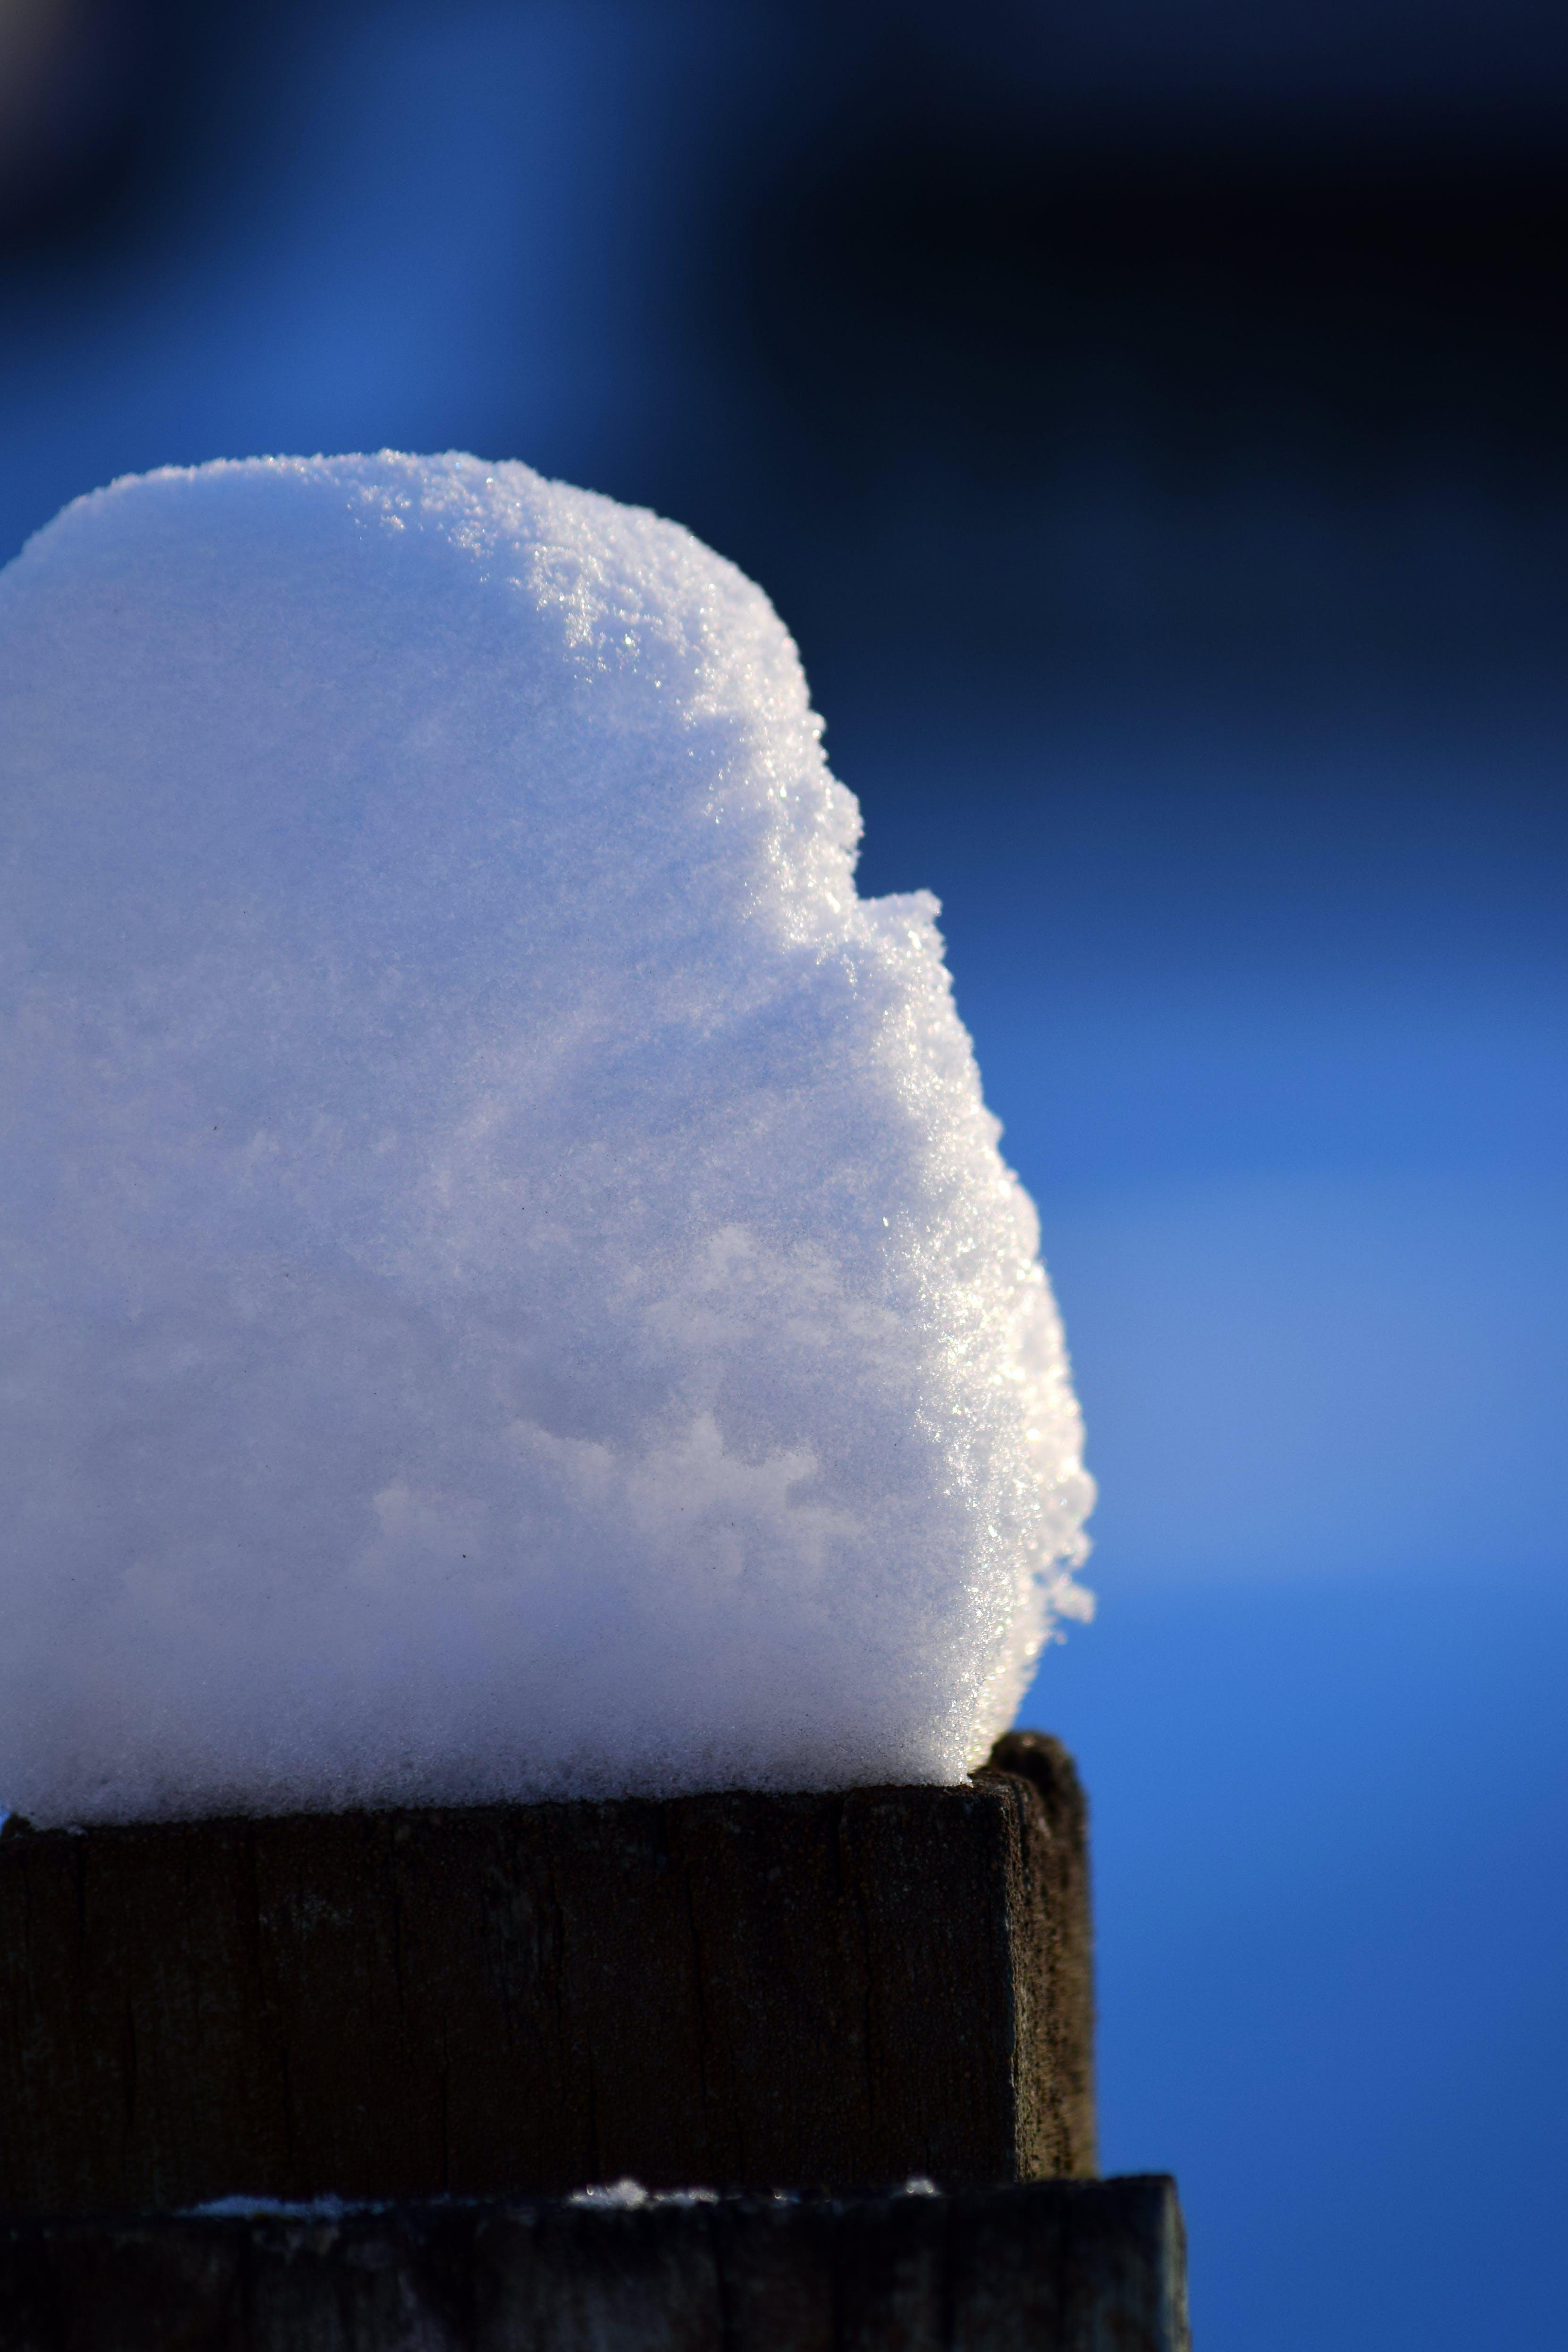 Безкоштовне стокове фото на тему «зима, кореспонденція, сніг, сонце»